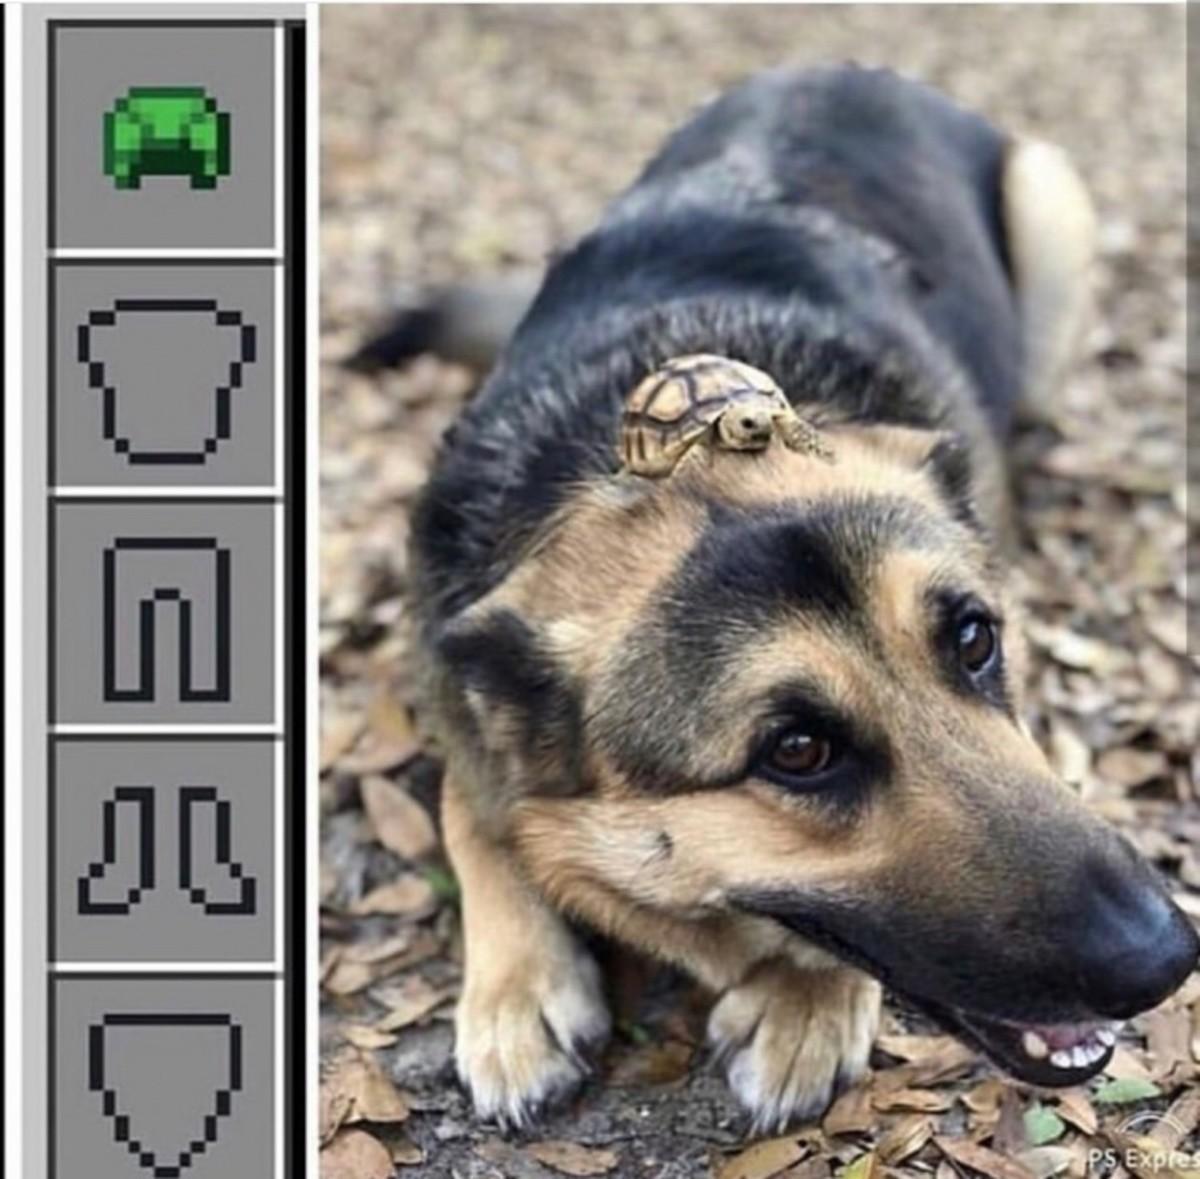 Cute armor doggo